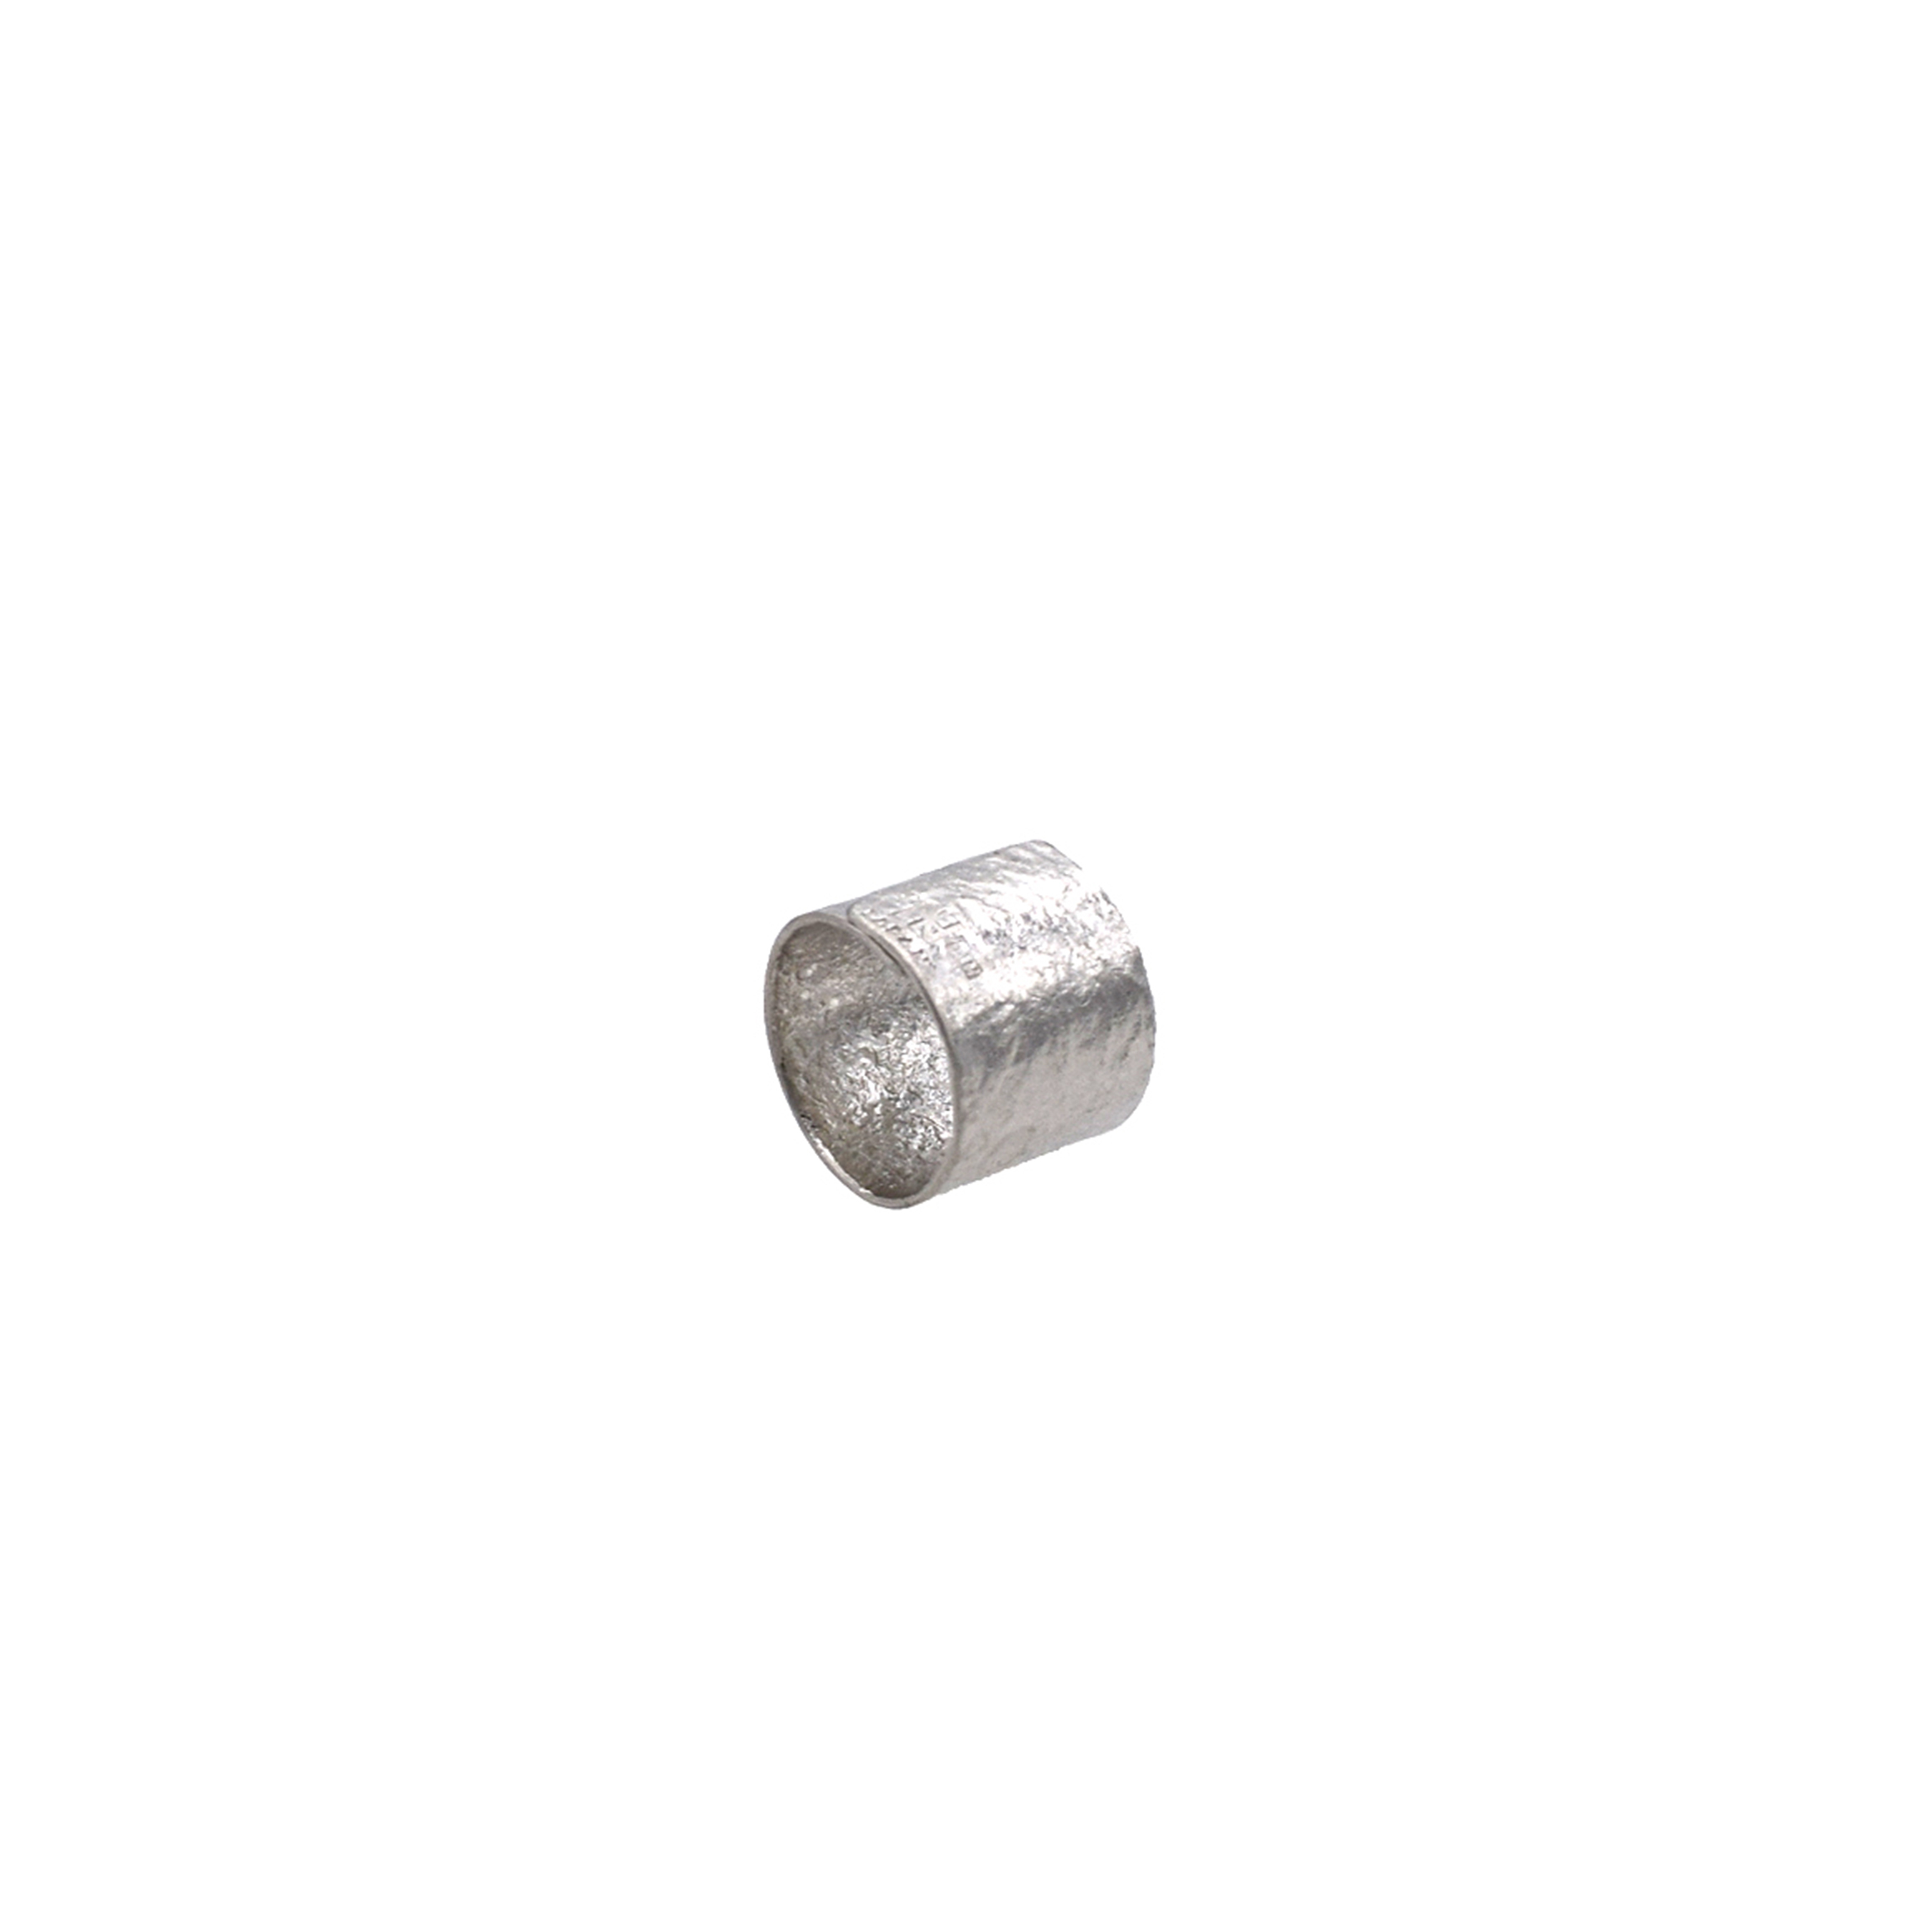 《リング》TIN BREATH Ring 20×80 mm